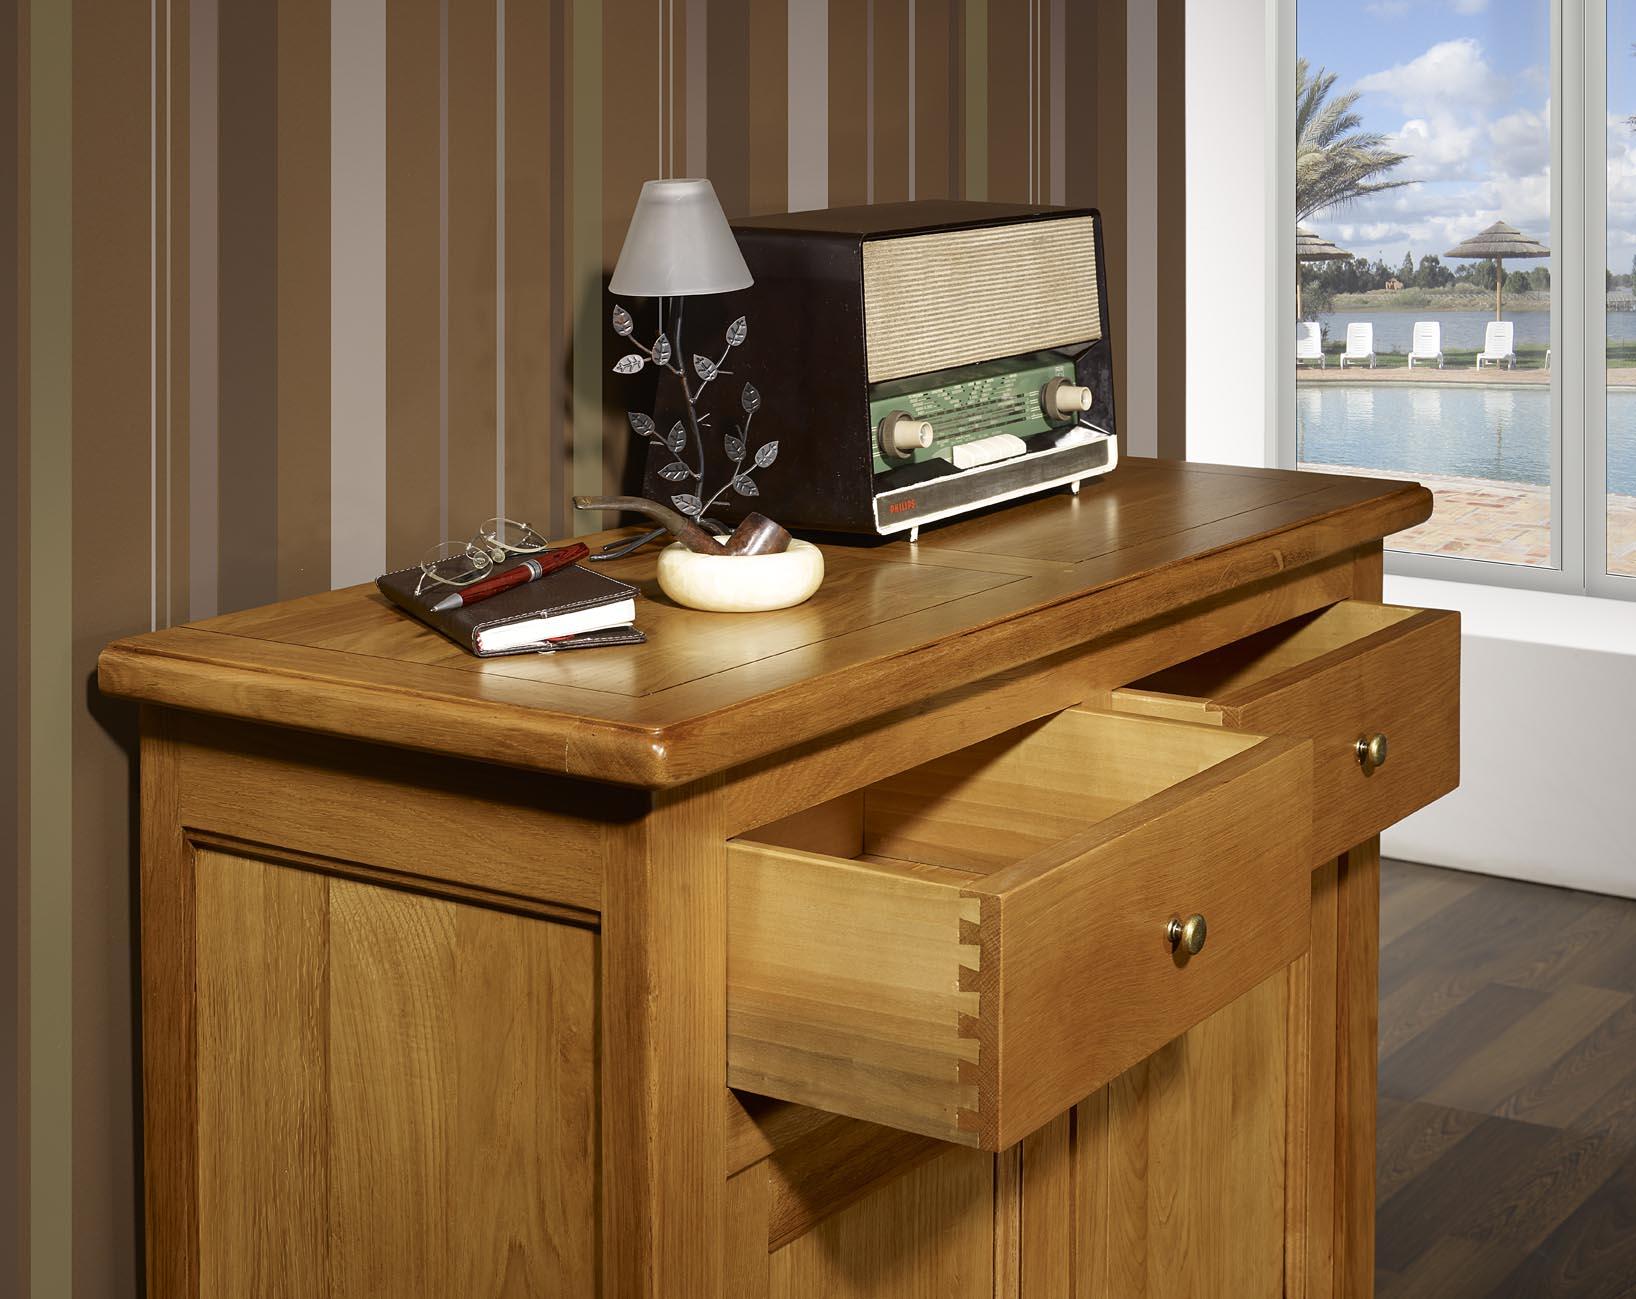 petit buffet 2 portes 2 tiroirs en ch ne massif de style. Black Bedroom Furniture Sets. Home Design Ideas